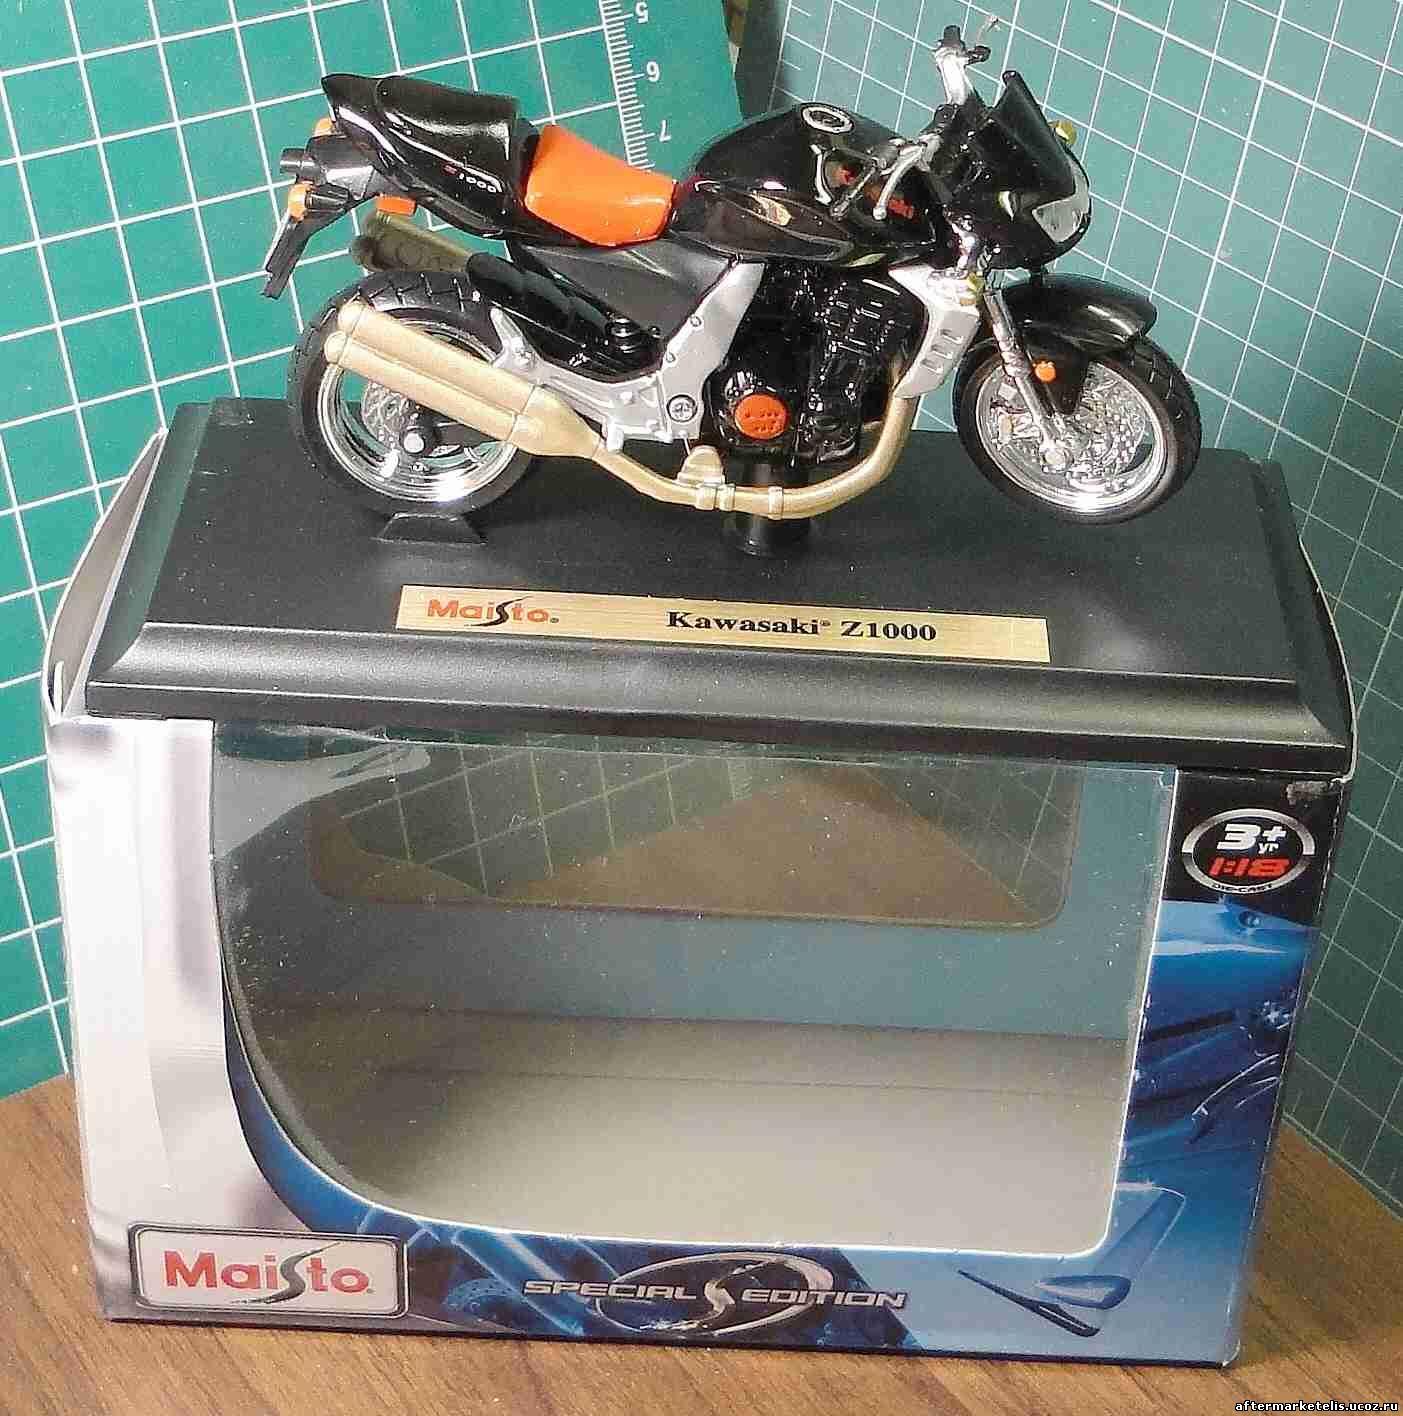 Kawasaki Z 1000 Maisto